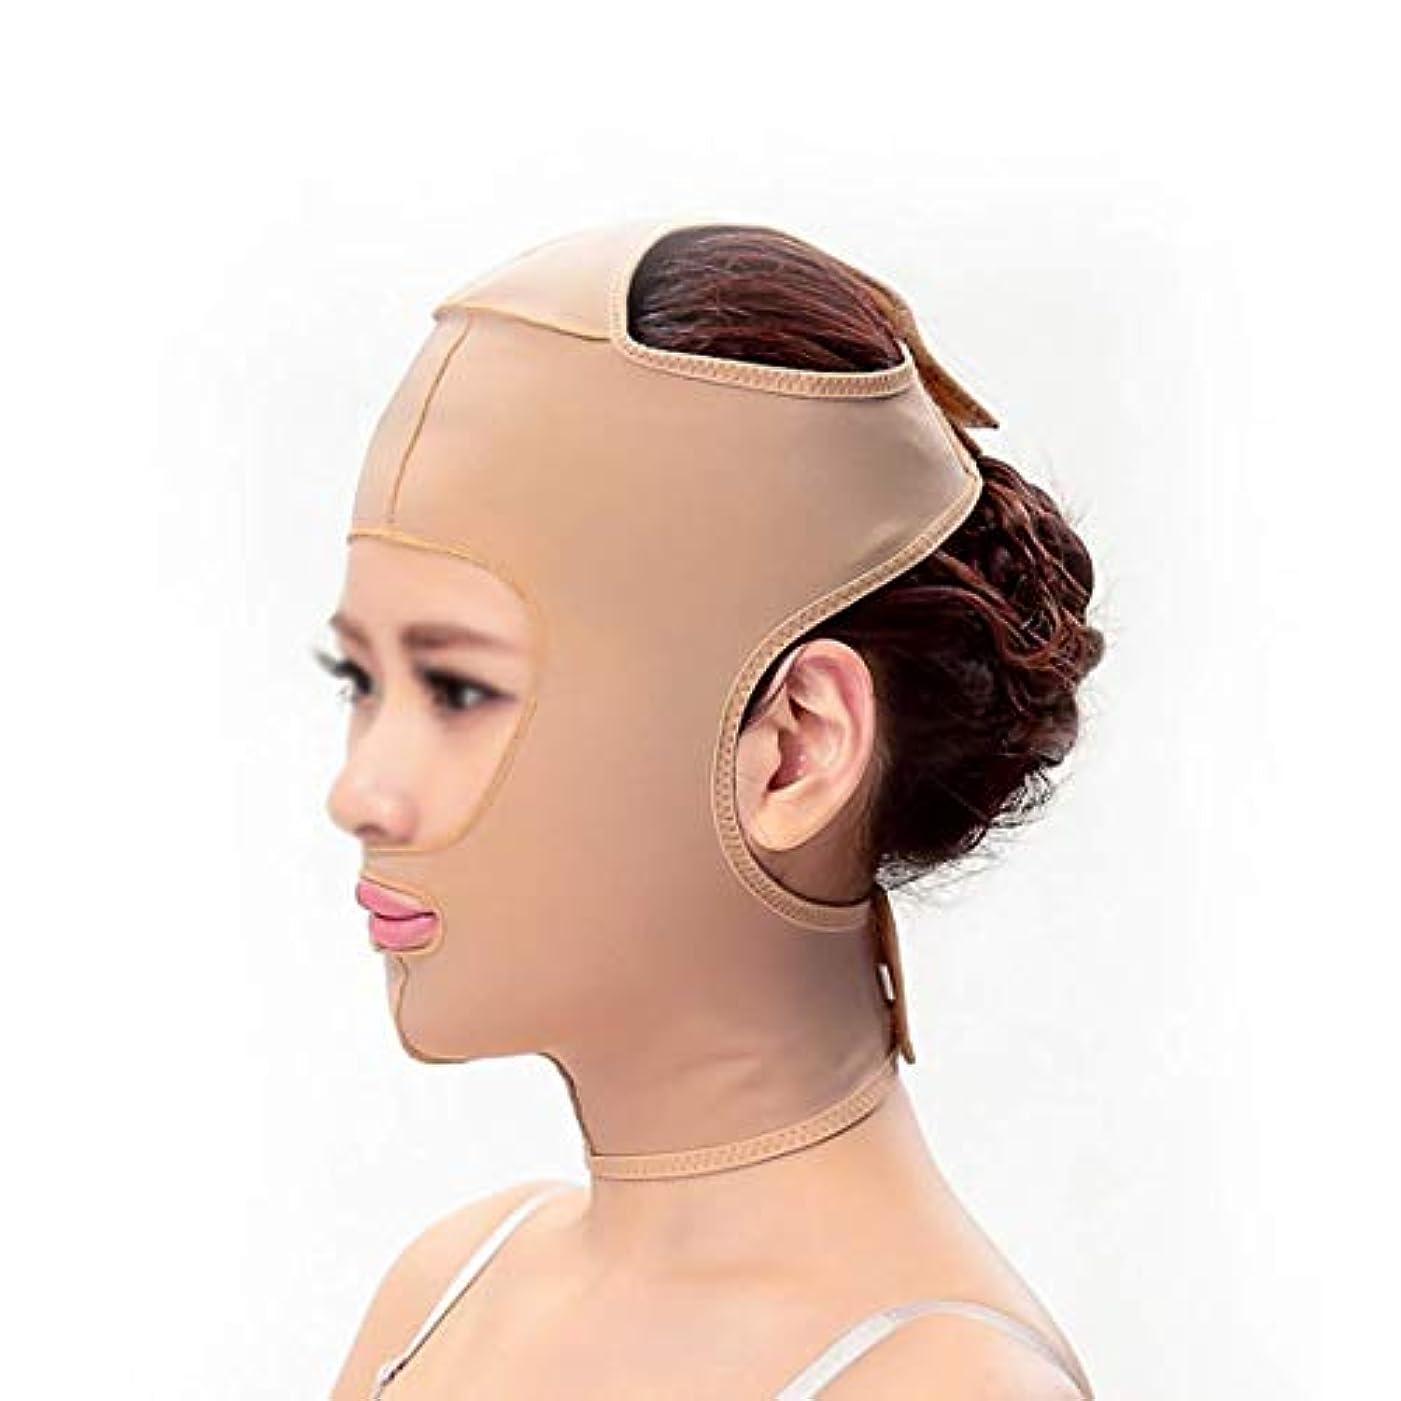 オプショナル常習的クラシックスリミングベルト、二重あごの引き締め顔面プラスチックフェイスアーティファクト強力なフェイスバンデージをサイズアップするために顔面マスクシンフェイスマスク,S